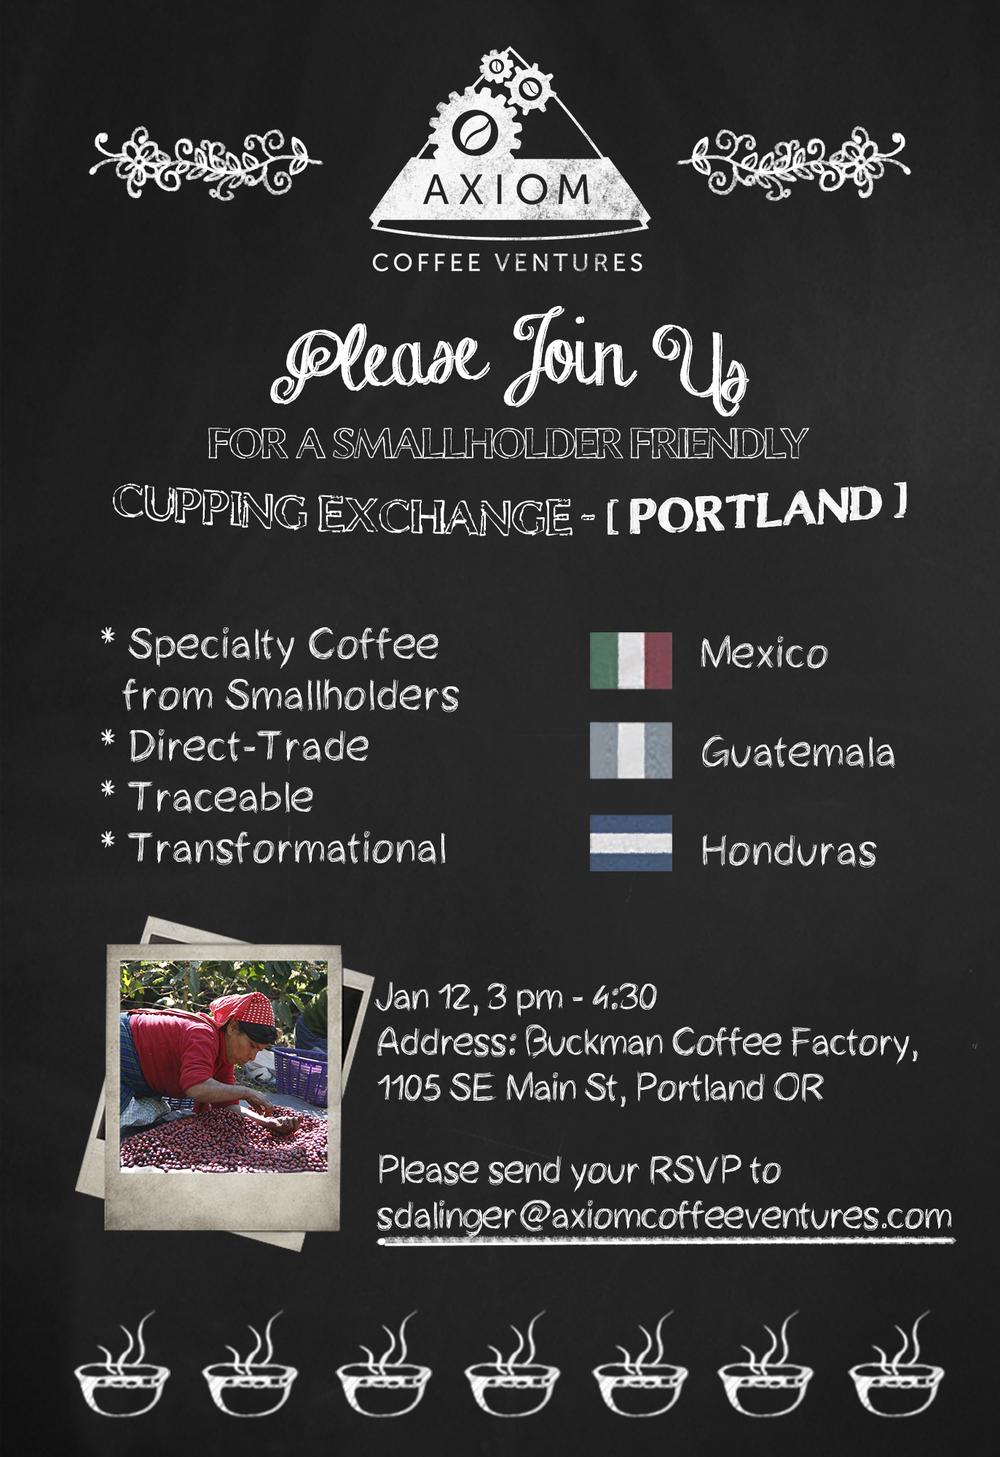 Invitacion Axiom_Portland.jpg